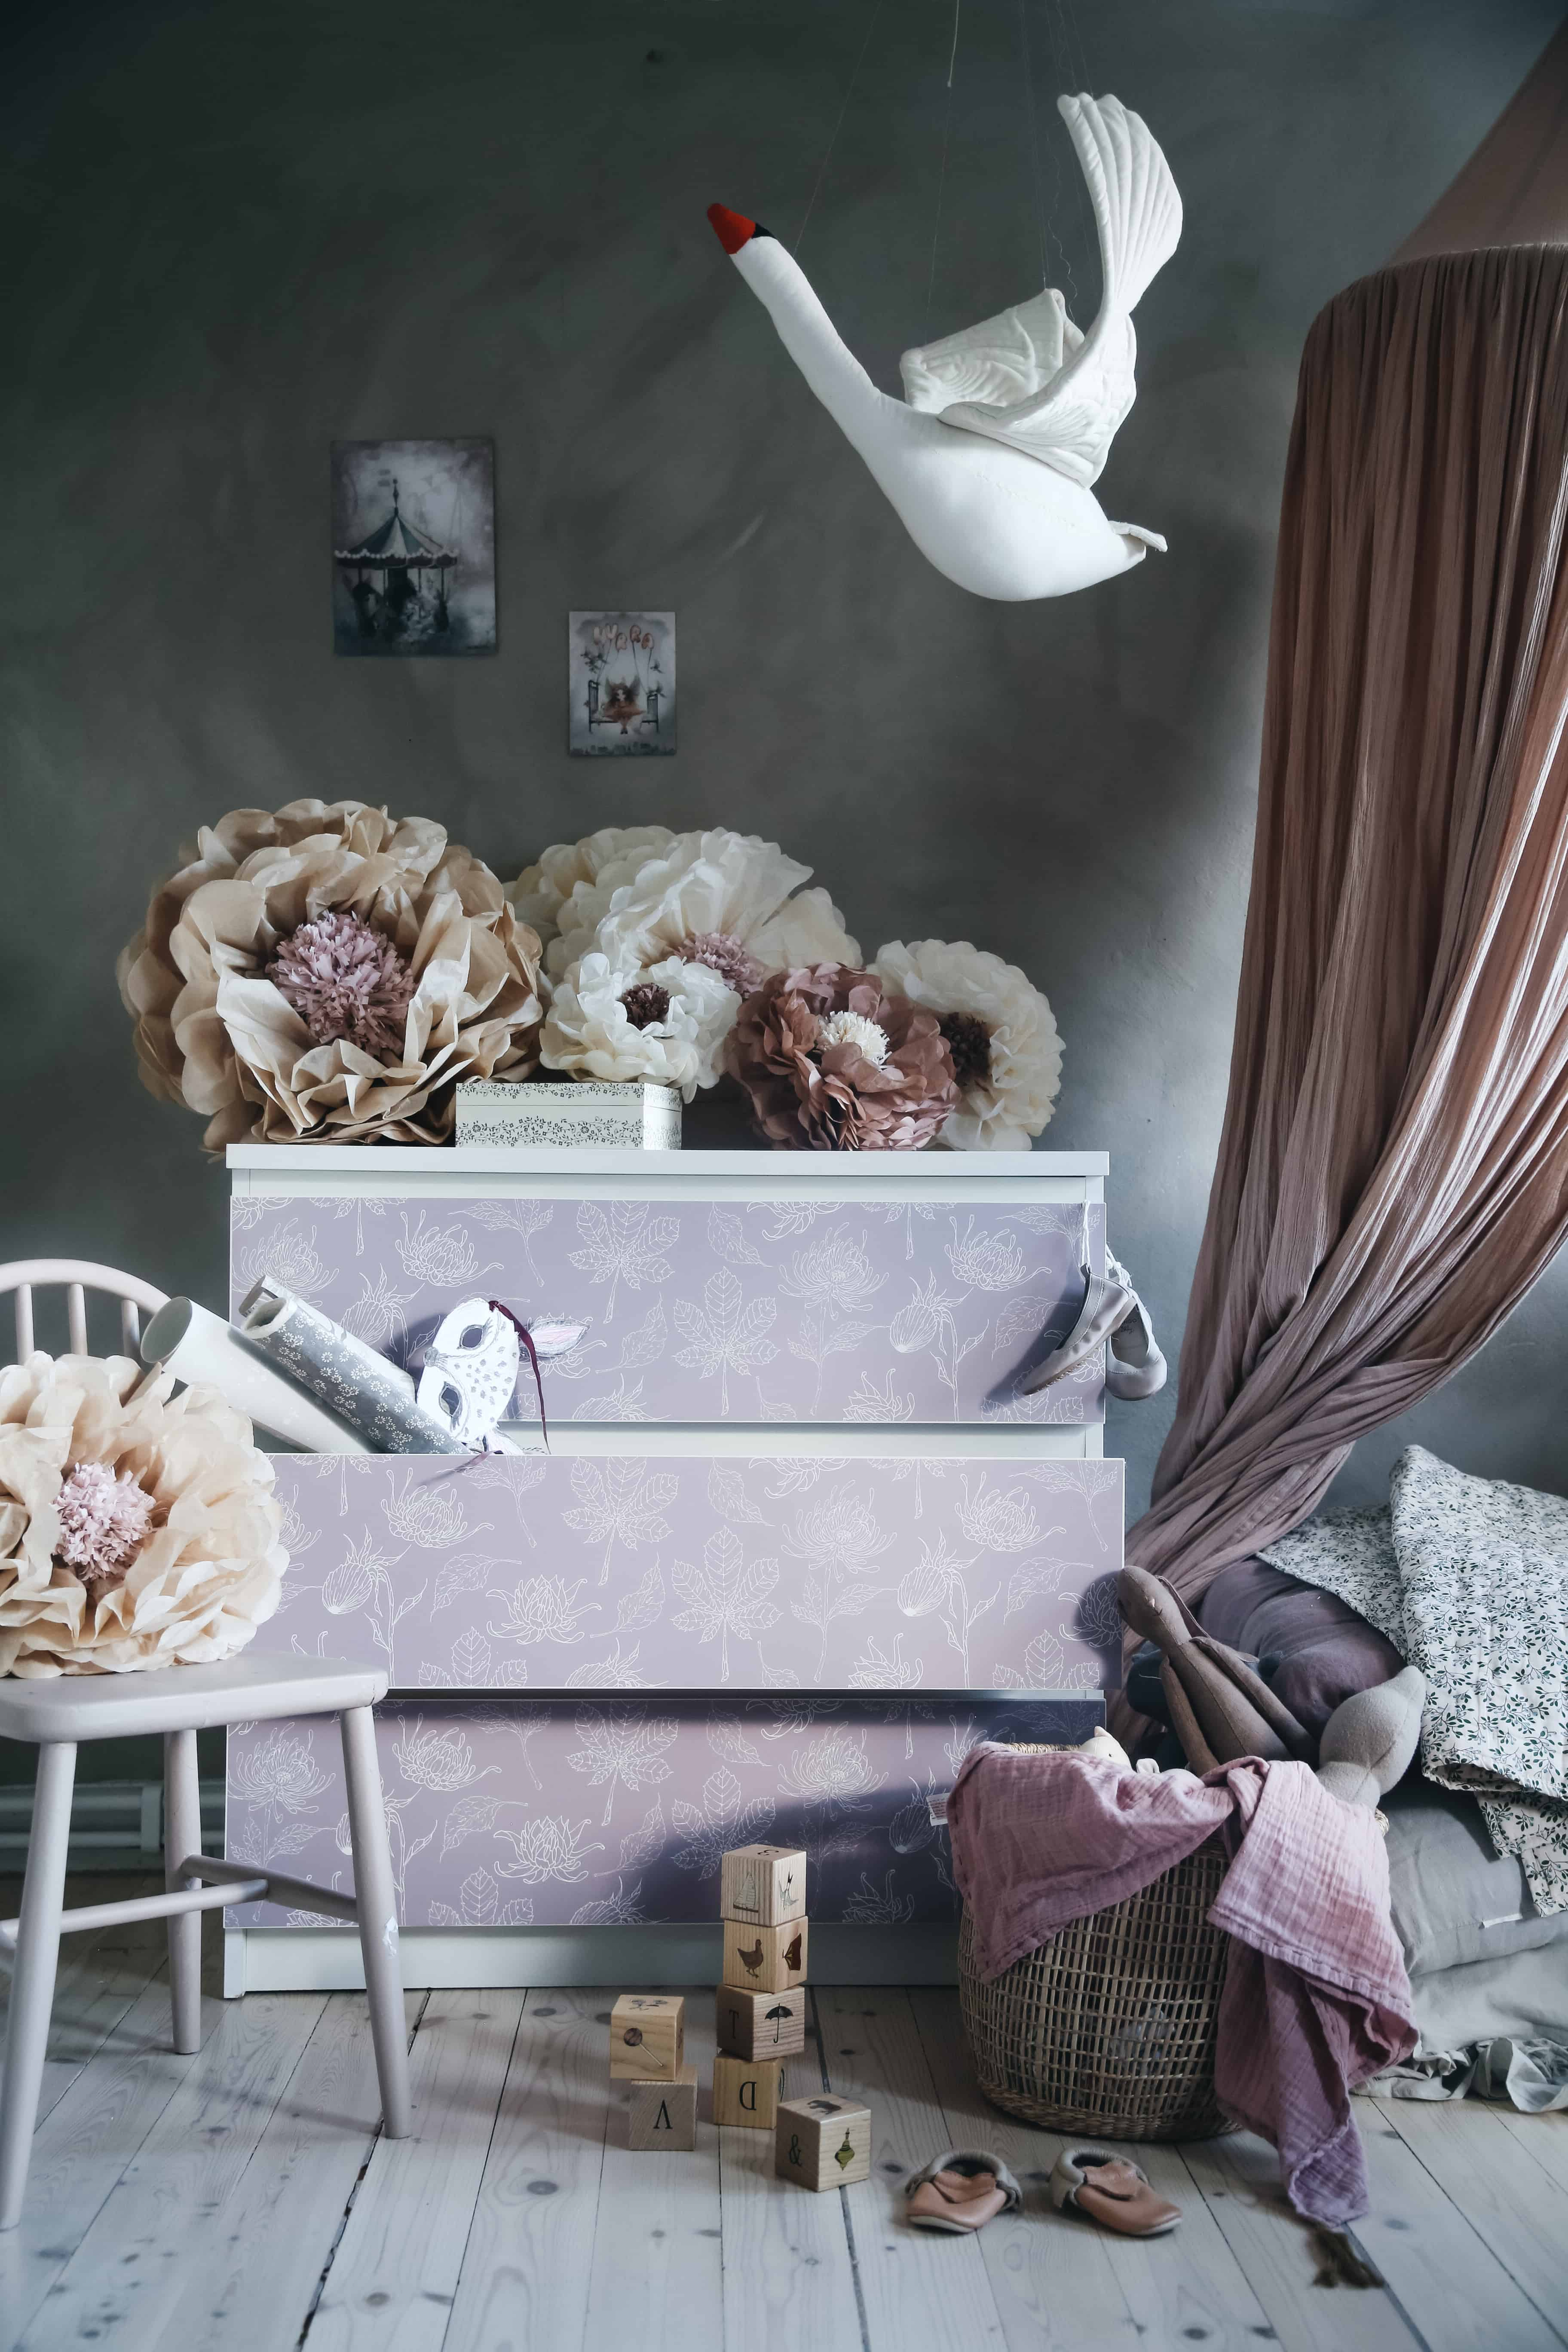 Hemmafix släpper egen kollektion textilfronter till Ikeamöbler, med Stickyfront